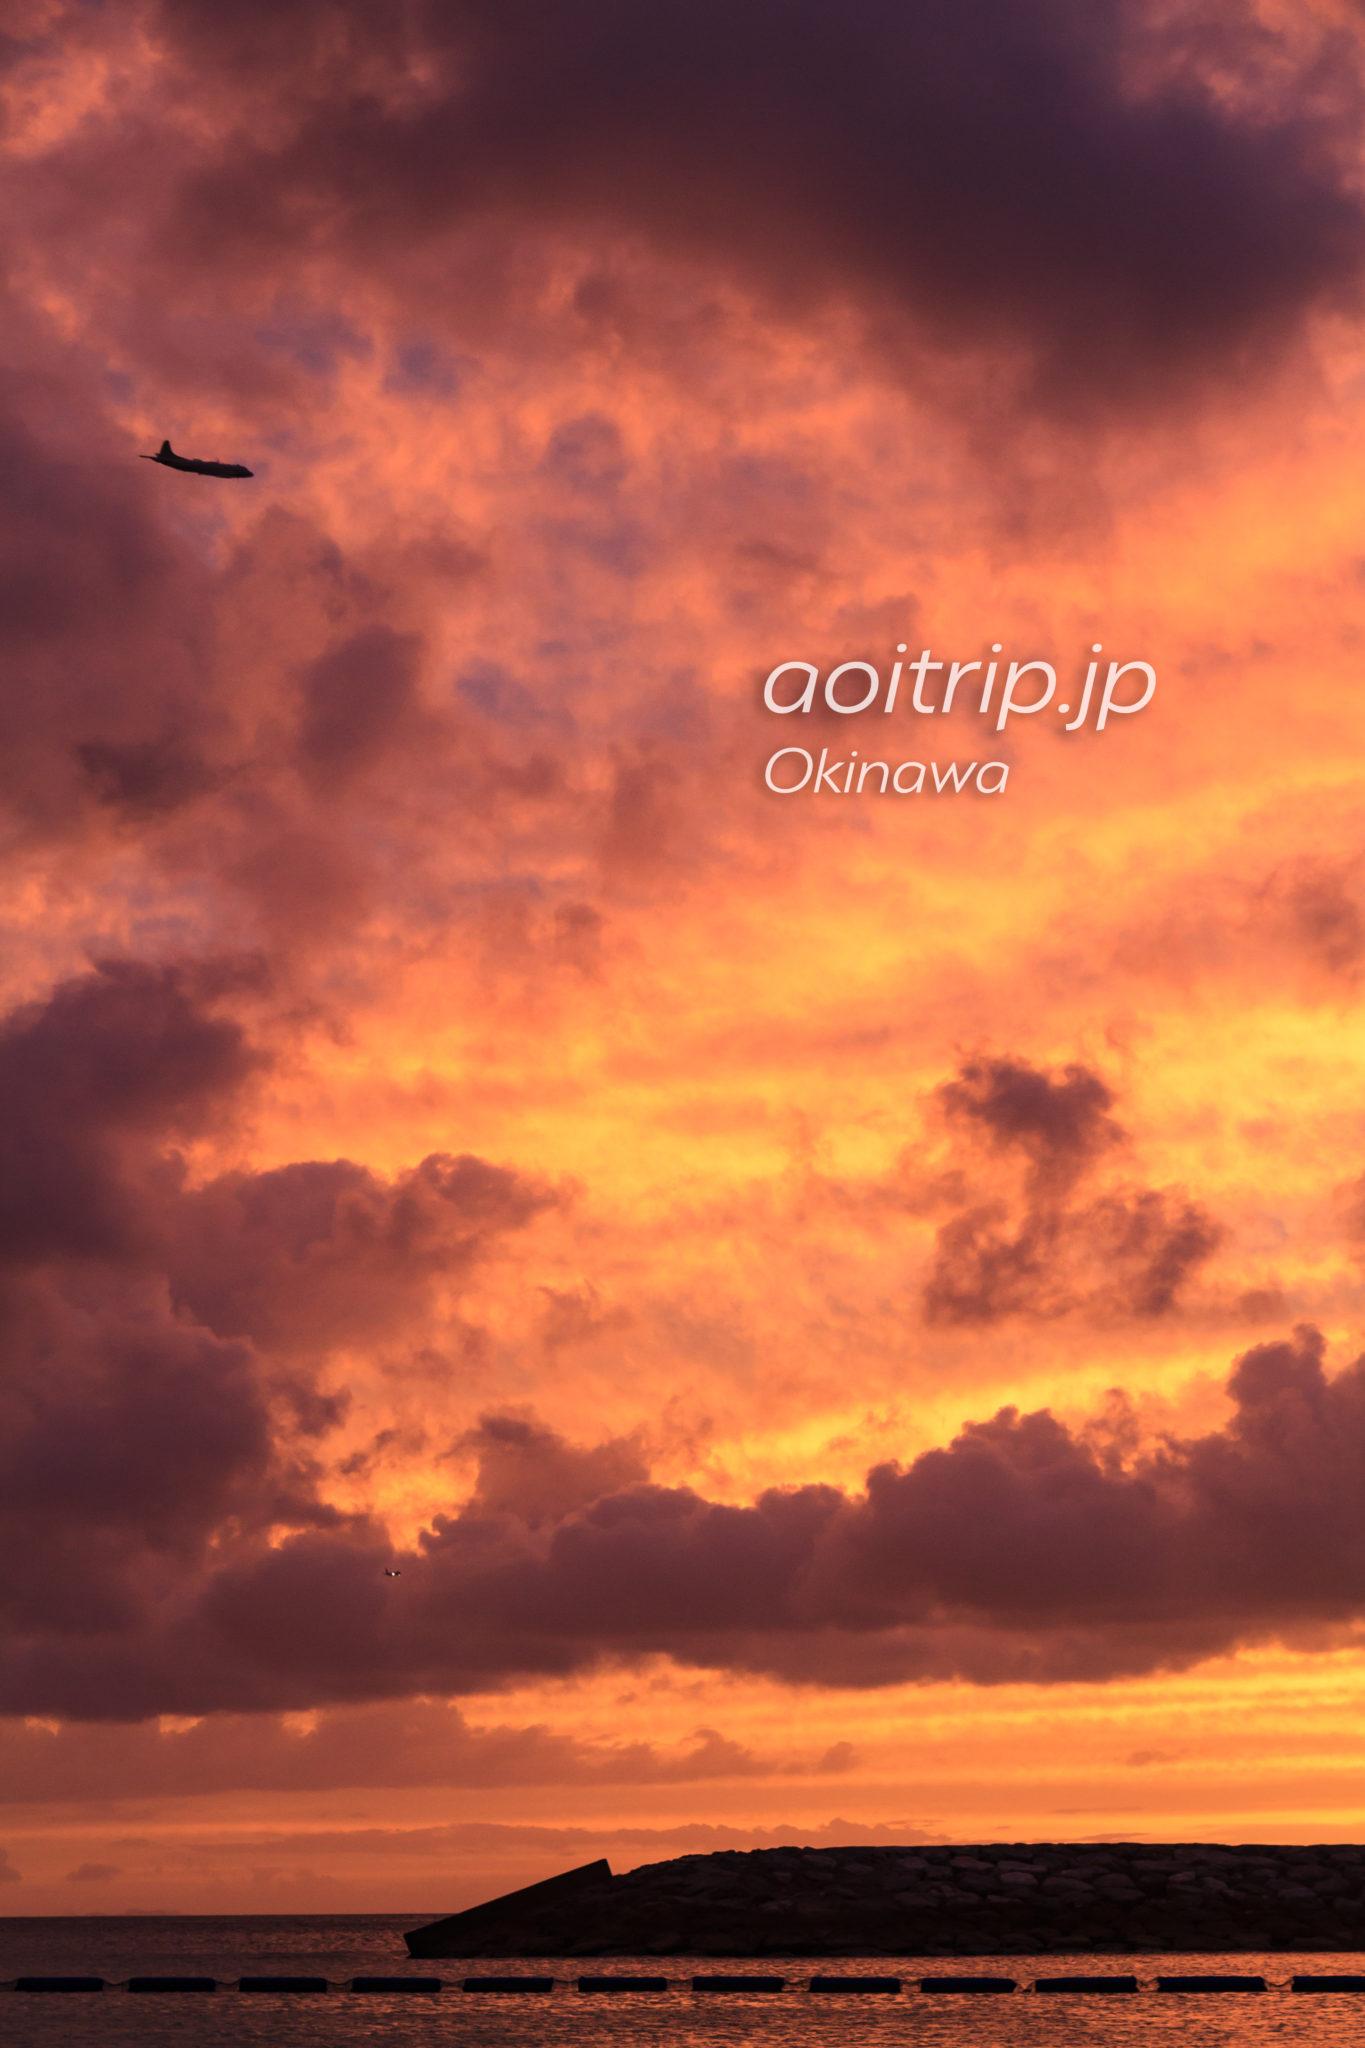 北谷サンセットビーチの夕日と飛行機